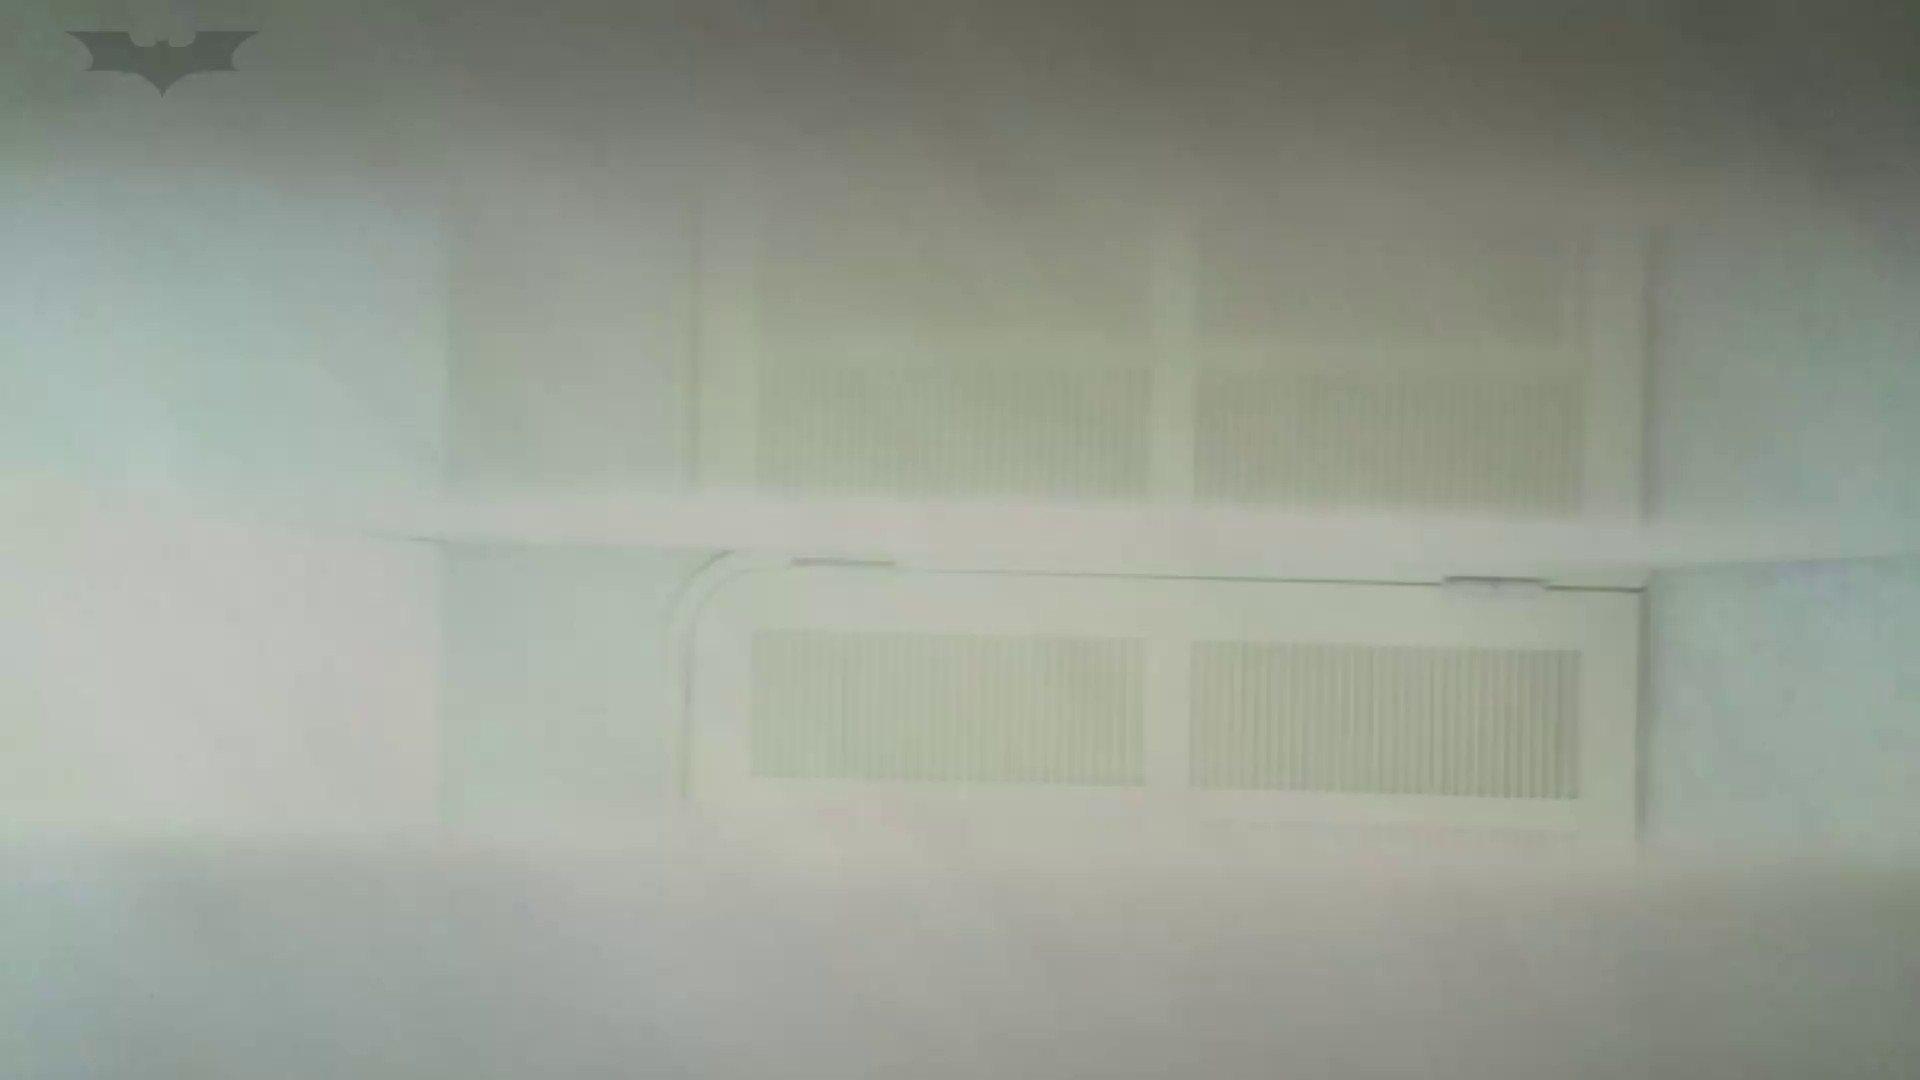 化粧室絵巻 番外編 VOL.15 ギャル達 おまんこ無修正動画無料 91枚 12